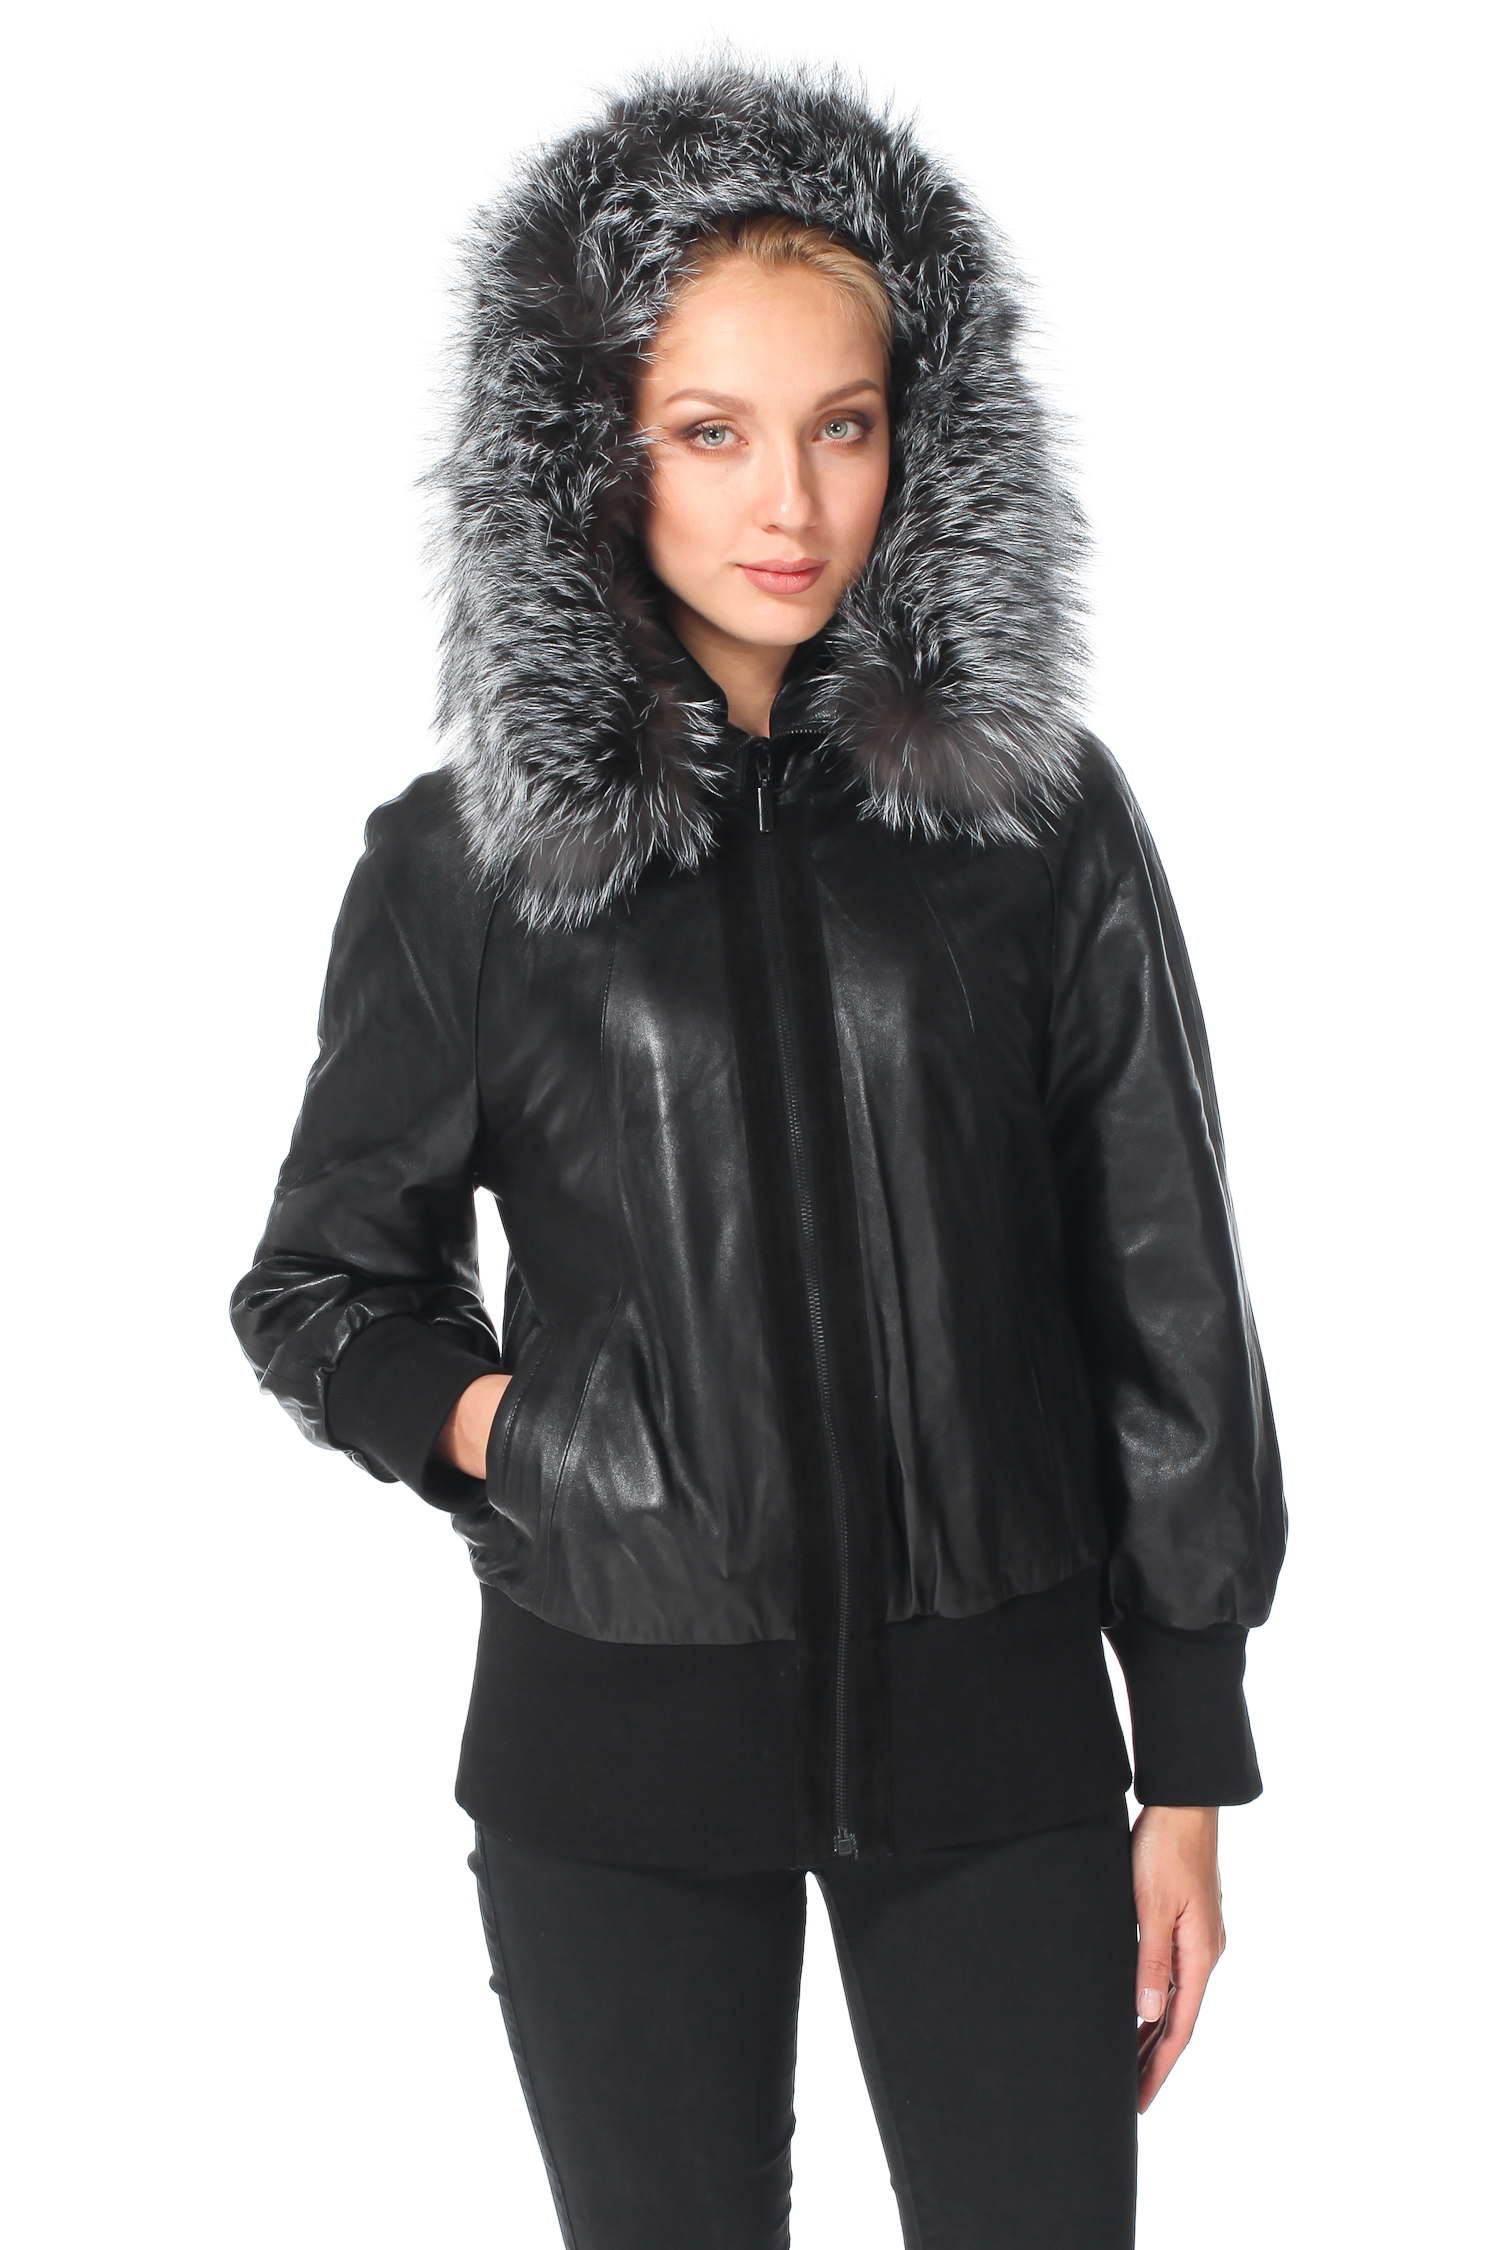 Женская кожаная куртка из натуральной кожи с капюшоном, отделка чернобуркаЦвет - оникс (черный).<br><br>Стильная и очень удобная куртка из натуральной кожи ягненка.<br><br>Главная деталь этой модели - глубокий капюшон, оформленный натуральным мехом чернобурки. Это великолепное дополнение сдержанного и лаконичного дизайна куртки, а также функциональная защита от ветра. В случае дождя, натуральный мех можнолегко отстегнуть.<br><br>Свободный силуэт оформлен текстильной резинкой на рукавах и внизу изделия. Куртка утеплена тонким слоем синтепона.Благодаря этим деталям изделие будет особенно комфортно носить в осенне-весенней период. Застежка выполнена на молнию с тонкой отстрочкой из натуральной замши. Боковые карманы без застежки. <br><br>Функциональная и стильная куртка для тех, кто живет в ритме большого города!<br><br>Воротник: капюшон<br>Длина см: Короткая (51-74 )<br>Материал: Кожа овчина<br>Цвет: черный<br>Пол: Женский<br>Размер RU: 50